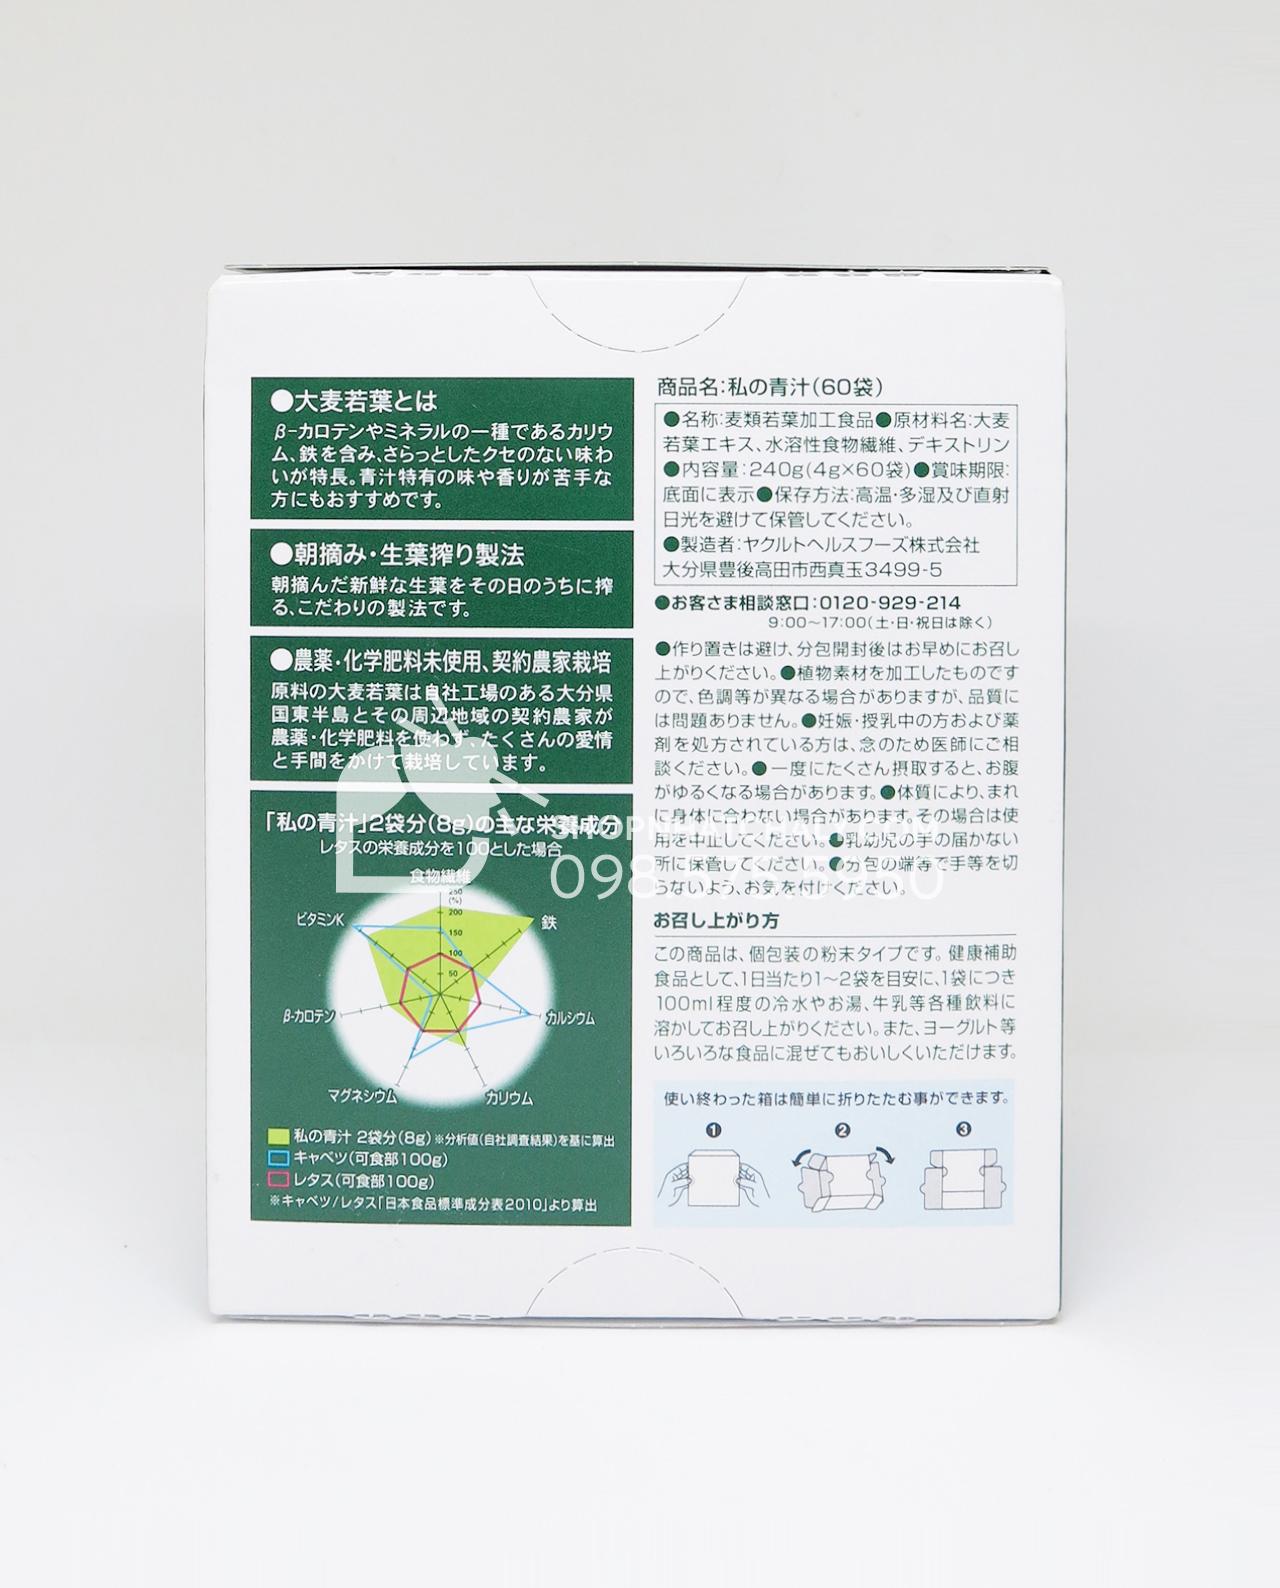 Thông tin về sản phẩm, công dụng, nhà sản xuất được in đầy đủ sau mỗi hộp Bột rau xanh Yakult Nhật Bản